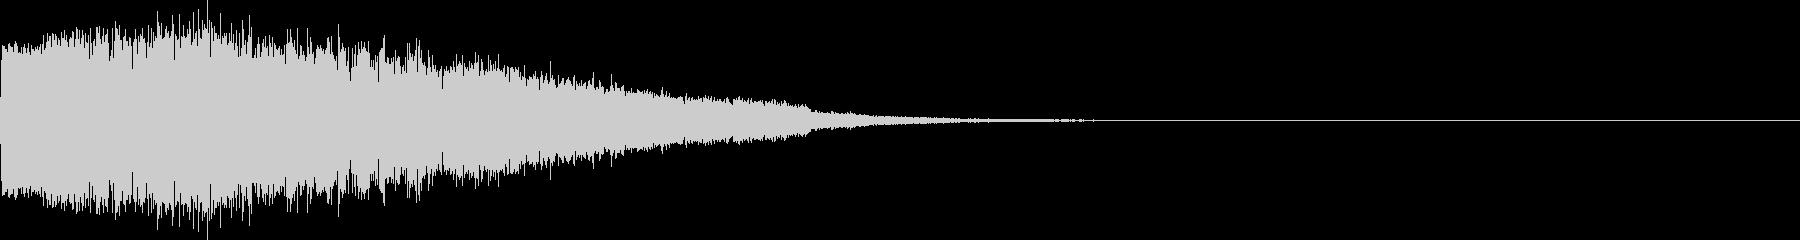 ギュイーン 重め ギューン 光る 026の未再生の波形